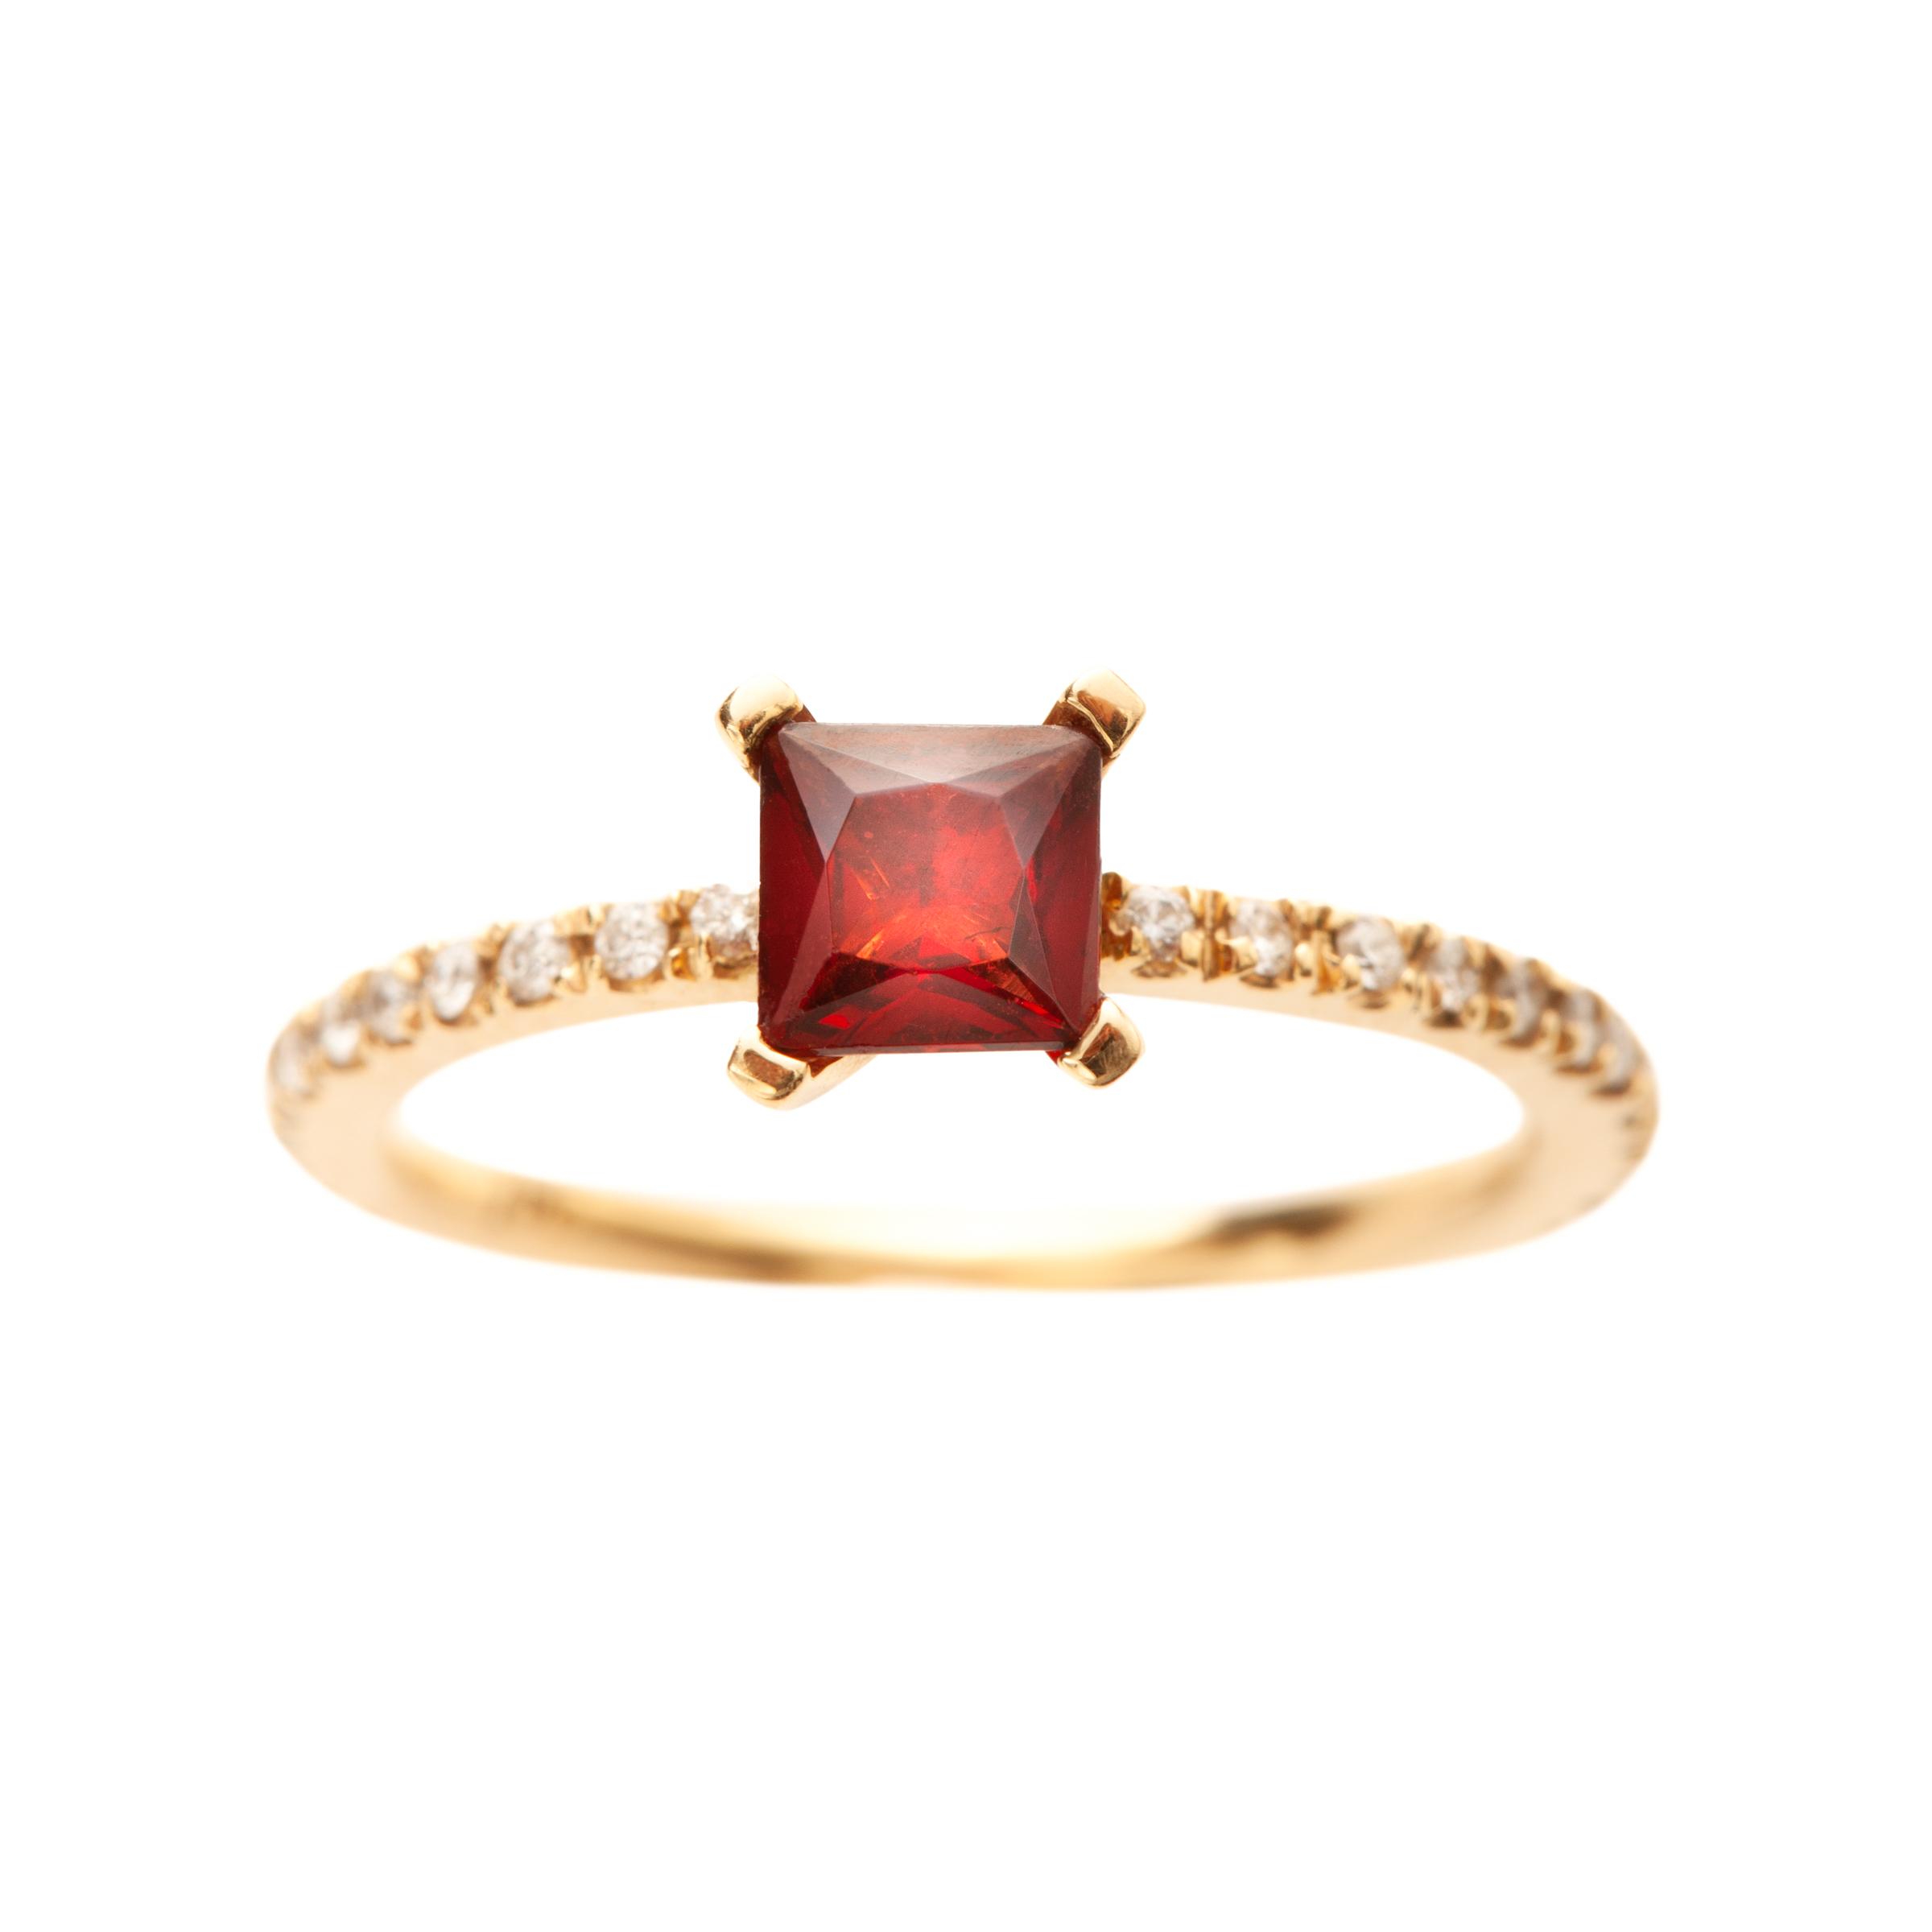 FIRENZE RING 21.200 NOK. 18 kt gold, diamonds and pyrope garnet